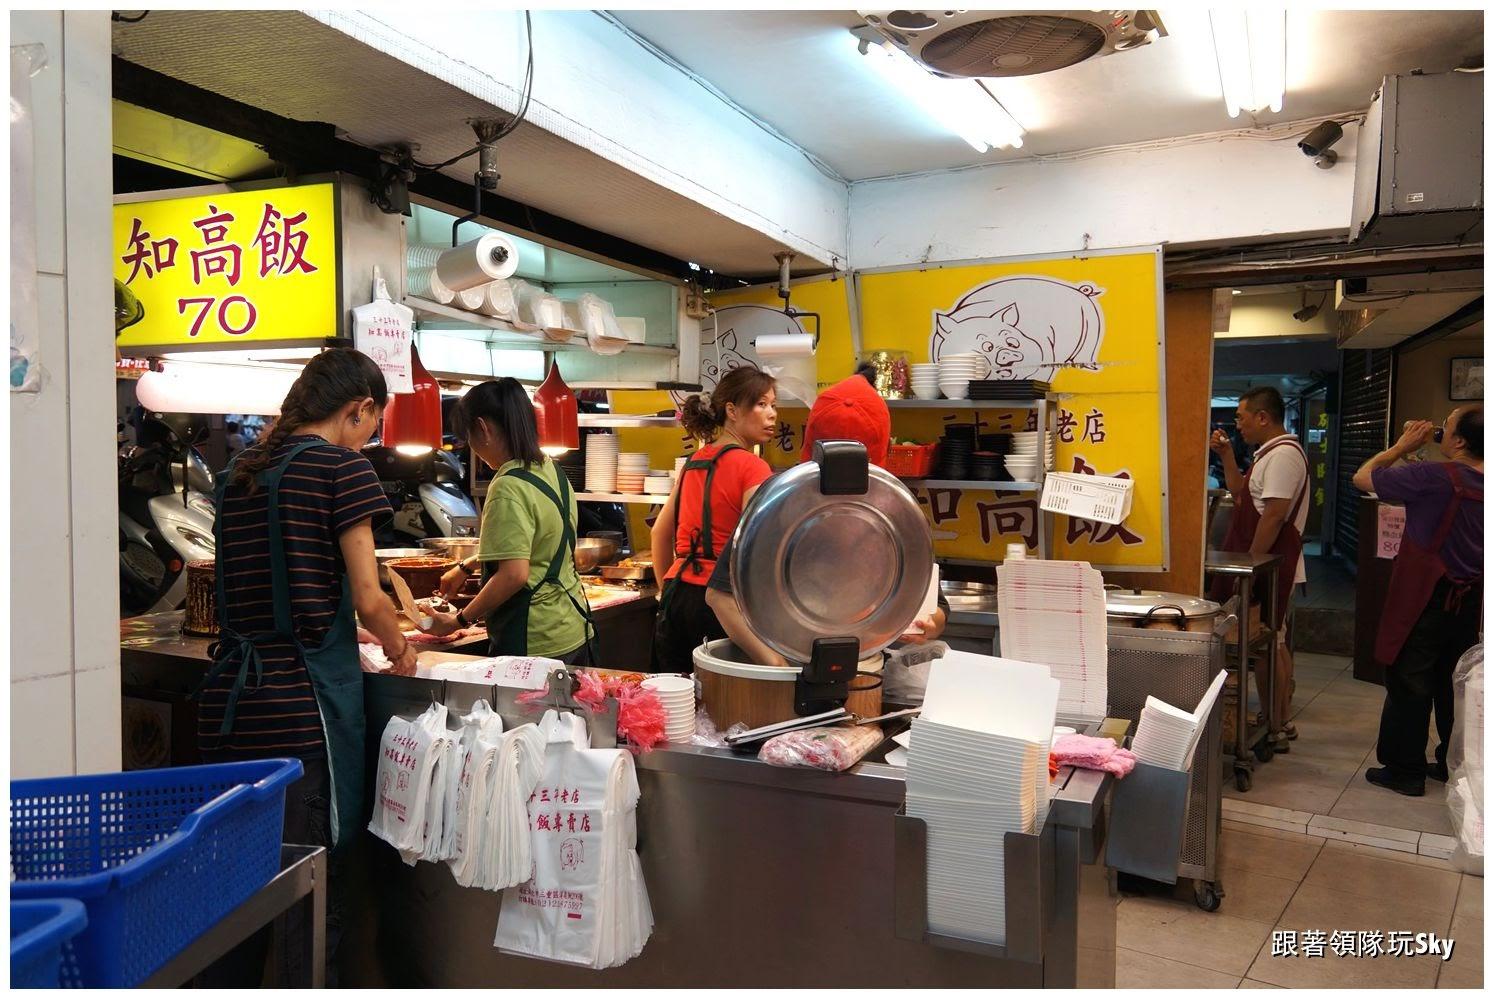 三重美食推薦-溪尾街 三十三年老店【知高飯專賣店】